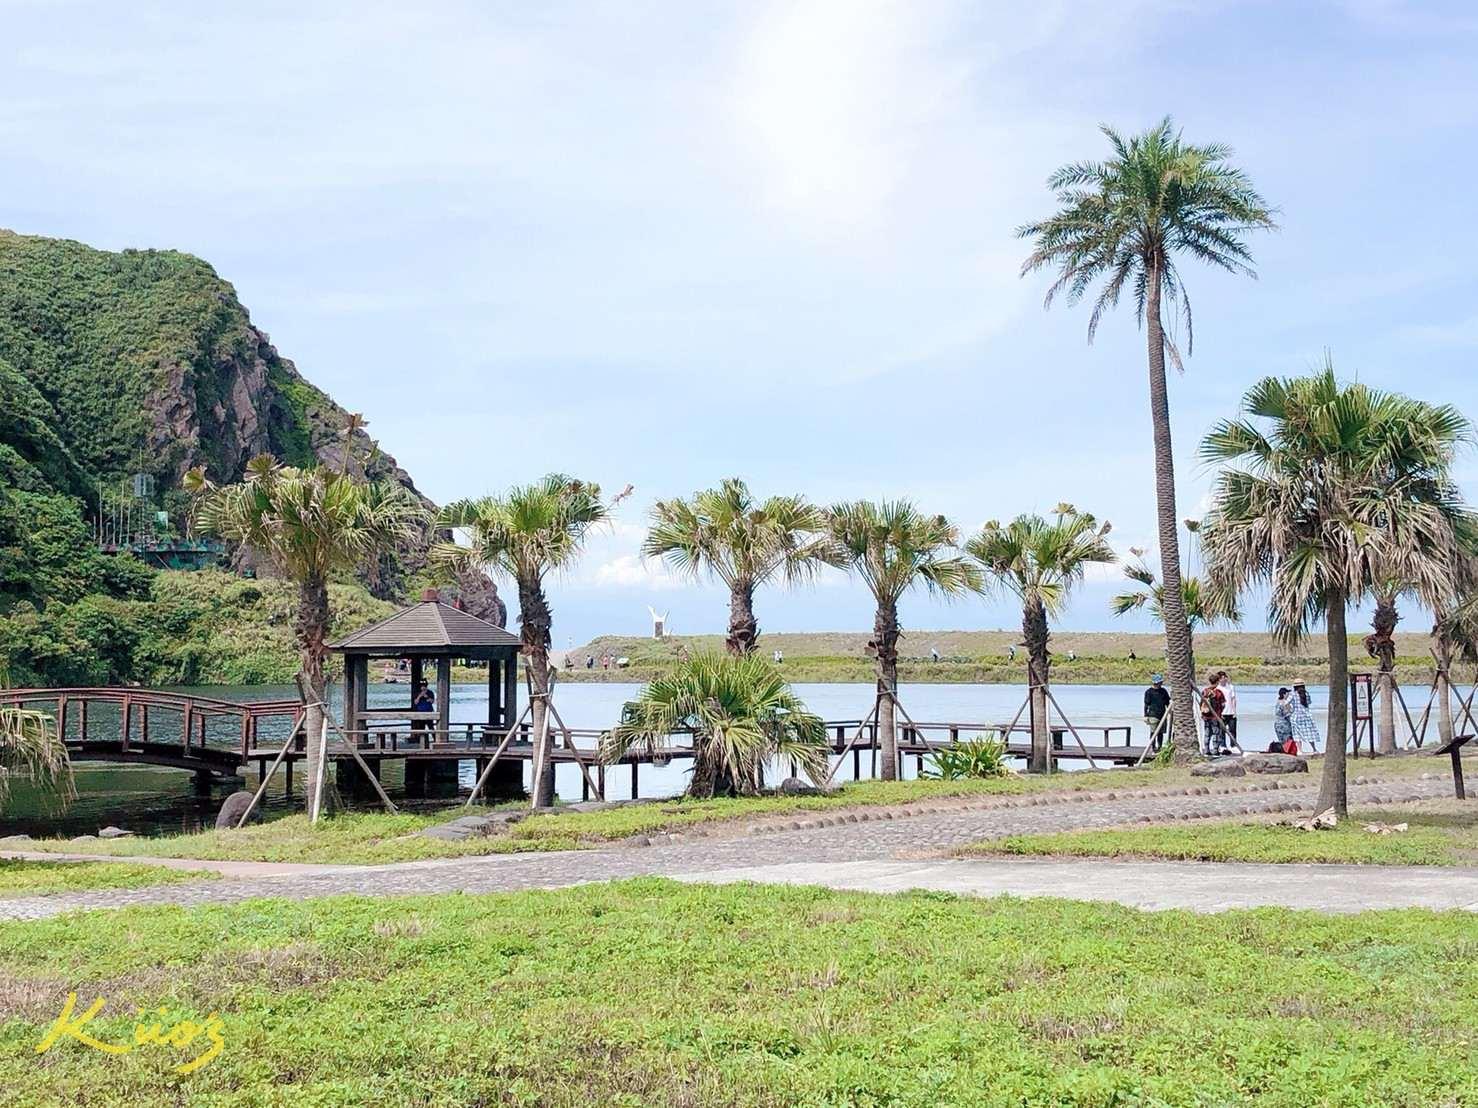 【2020宜蘭必玩行程推薦】龜山島必玩三合一行程:牛奶湖繞島、登島、賞鯨豚!